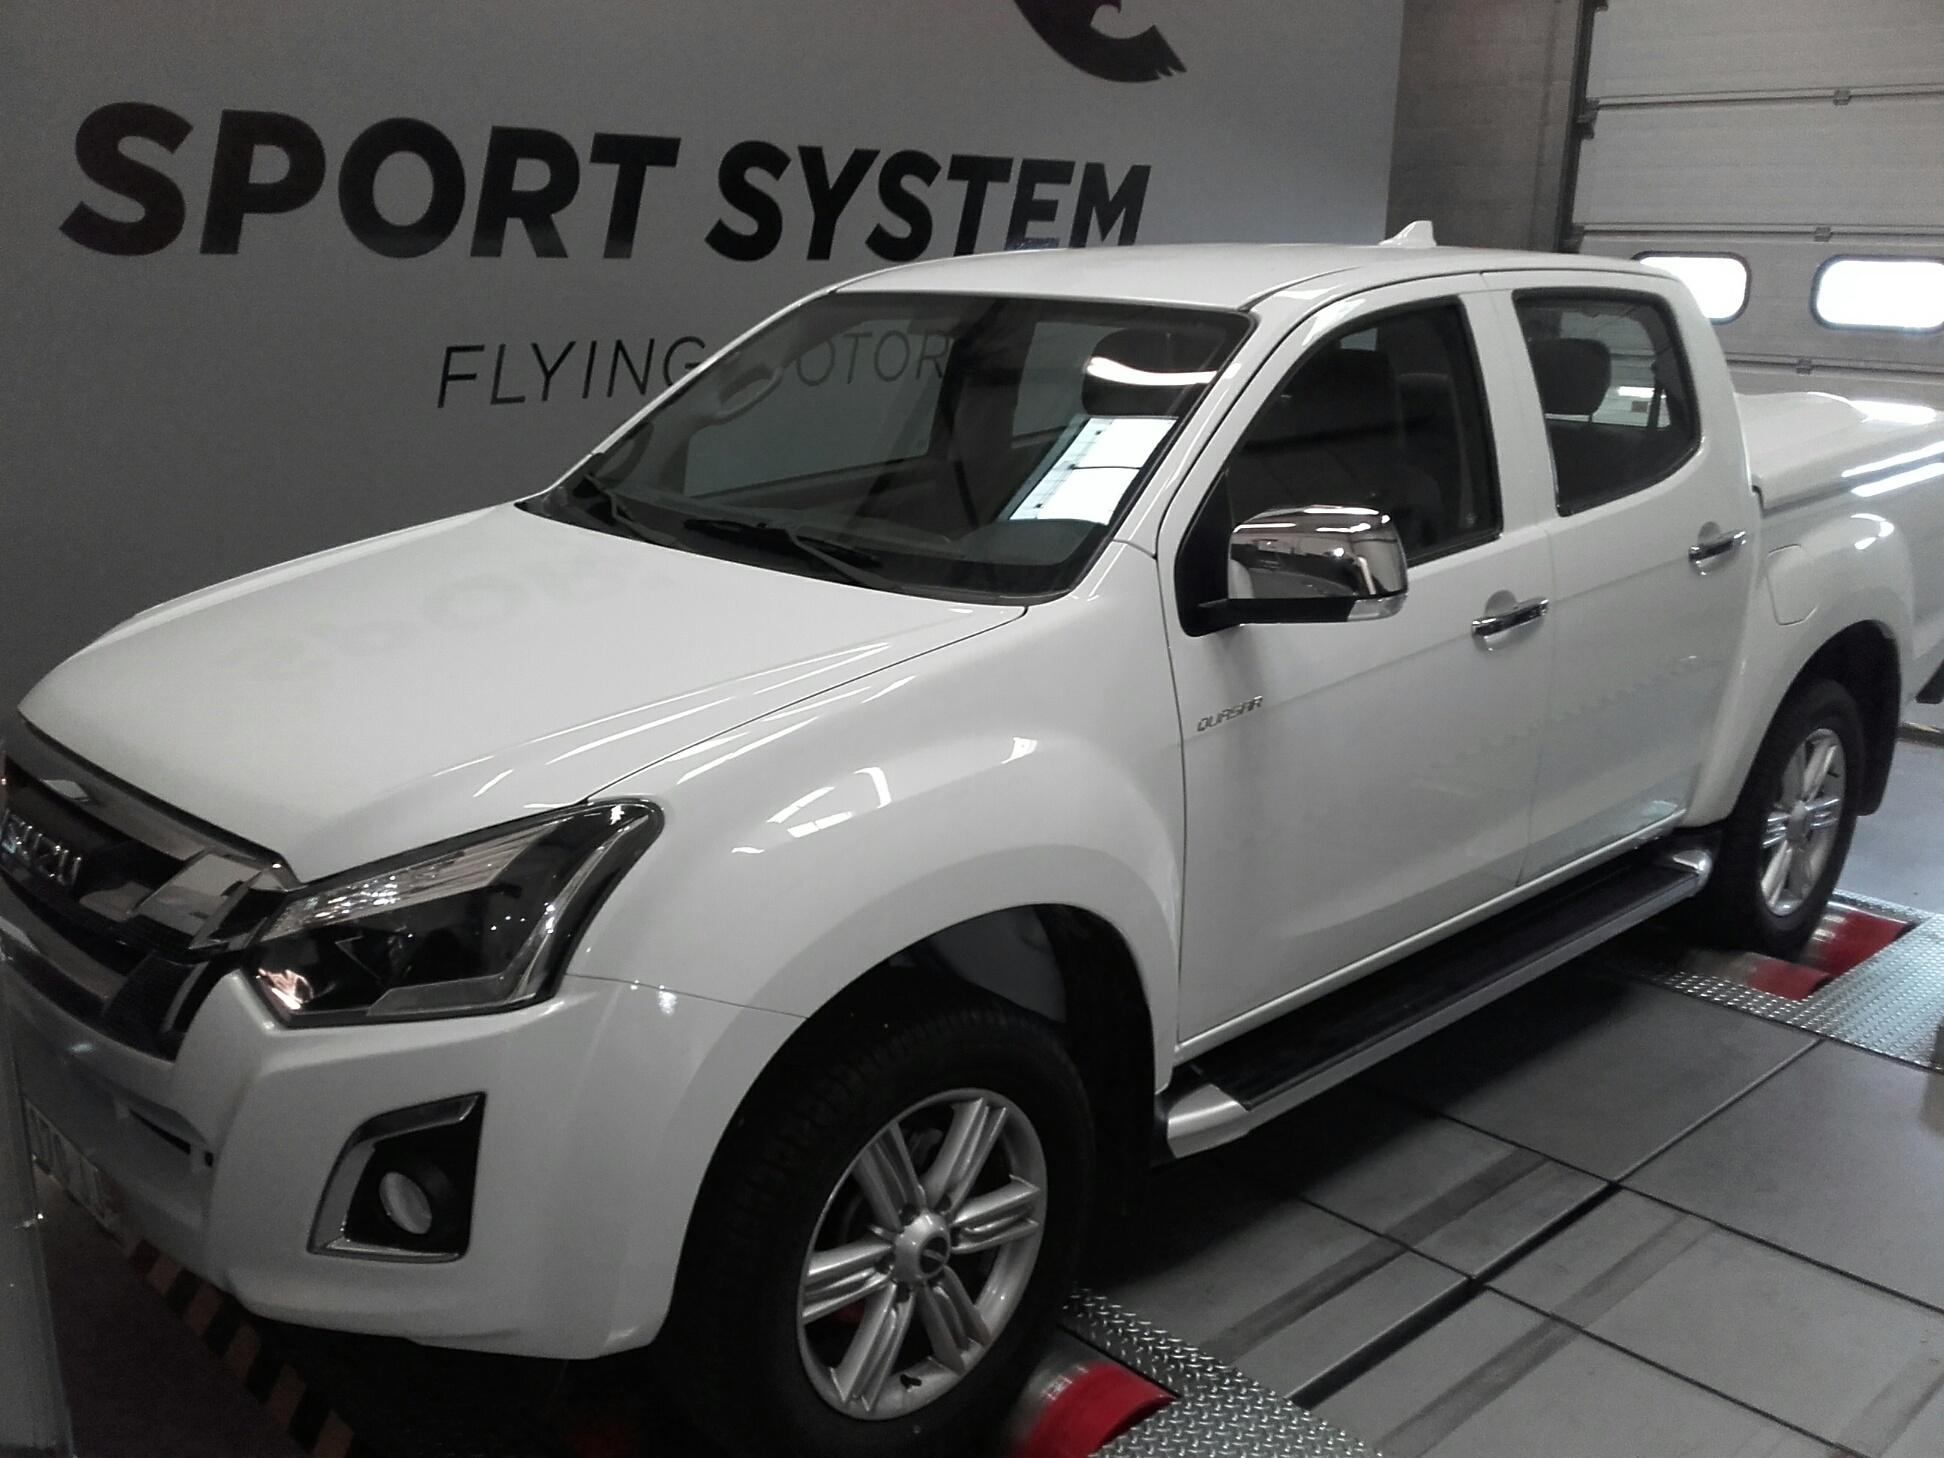 Sport System Isuzu D-max